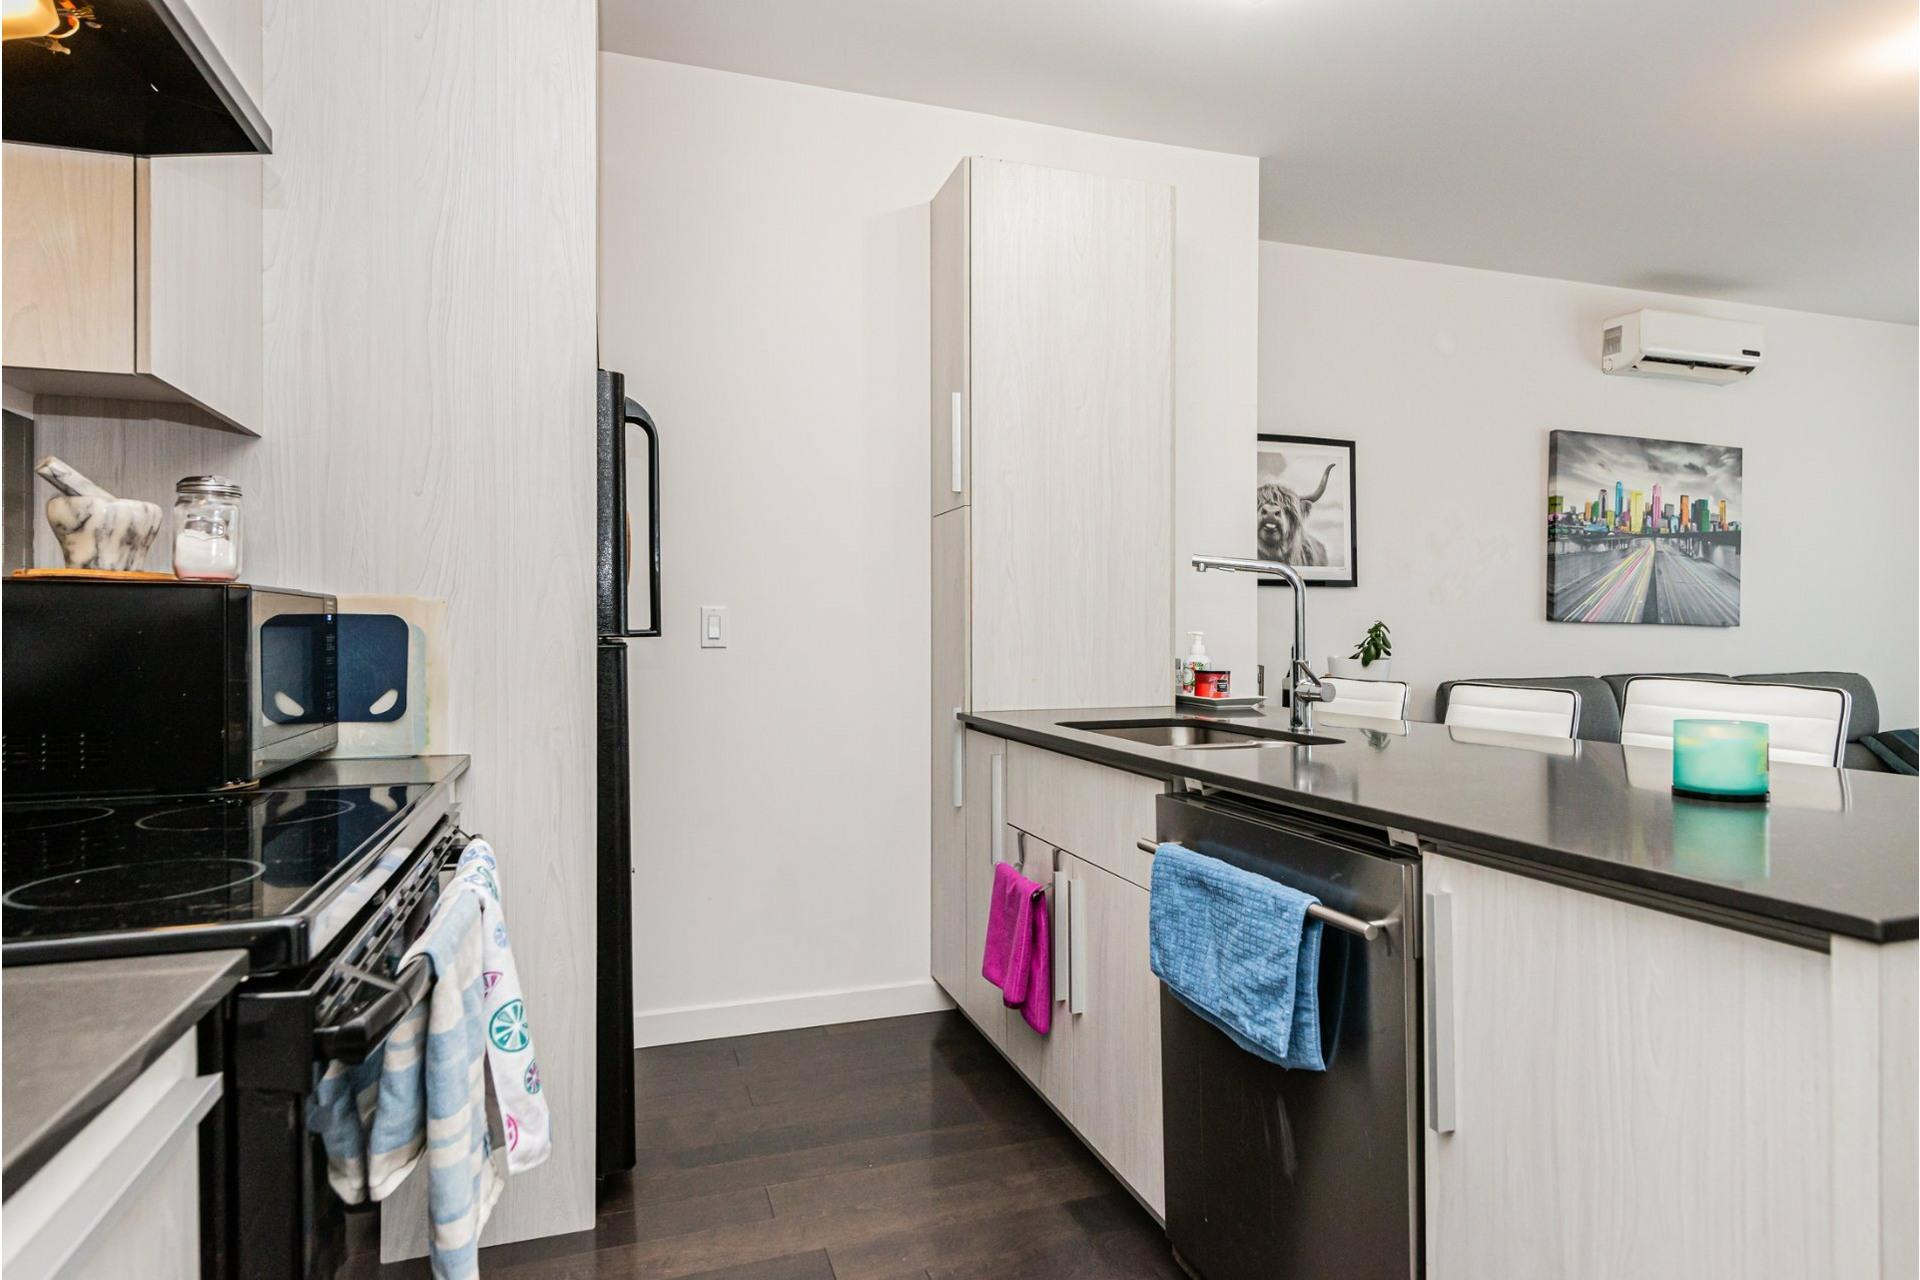 image 11 - Apartment For sale Lachine Montréal  - 4 rooms